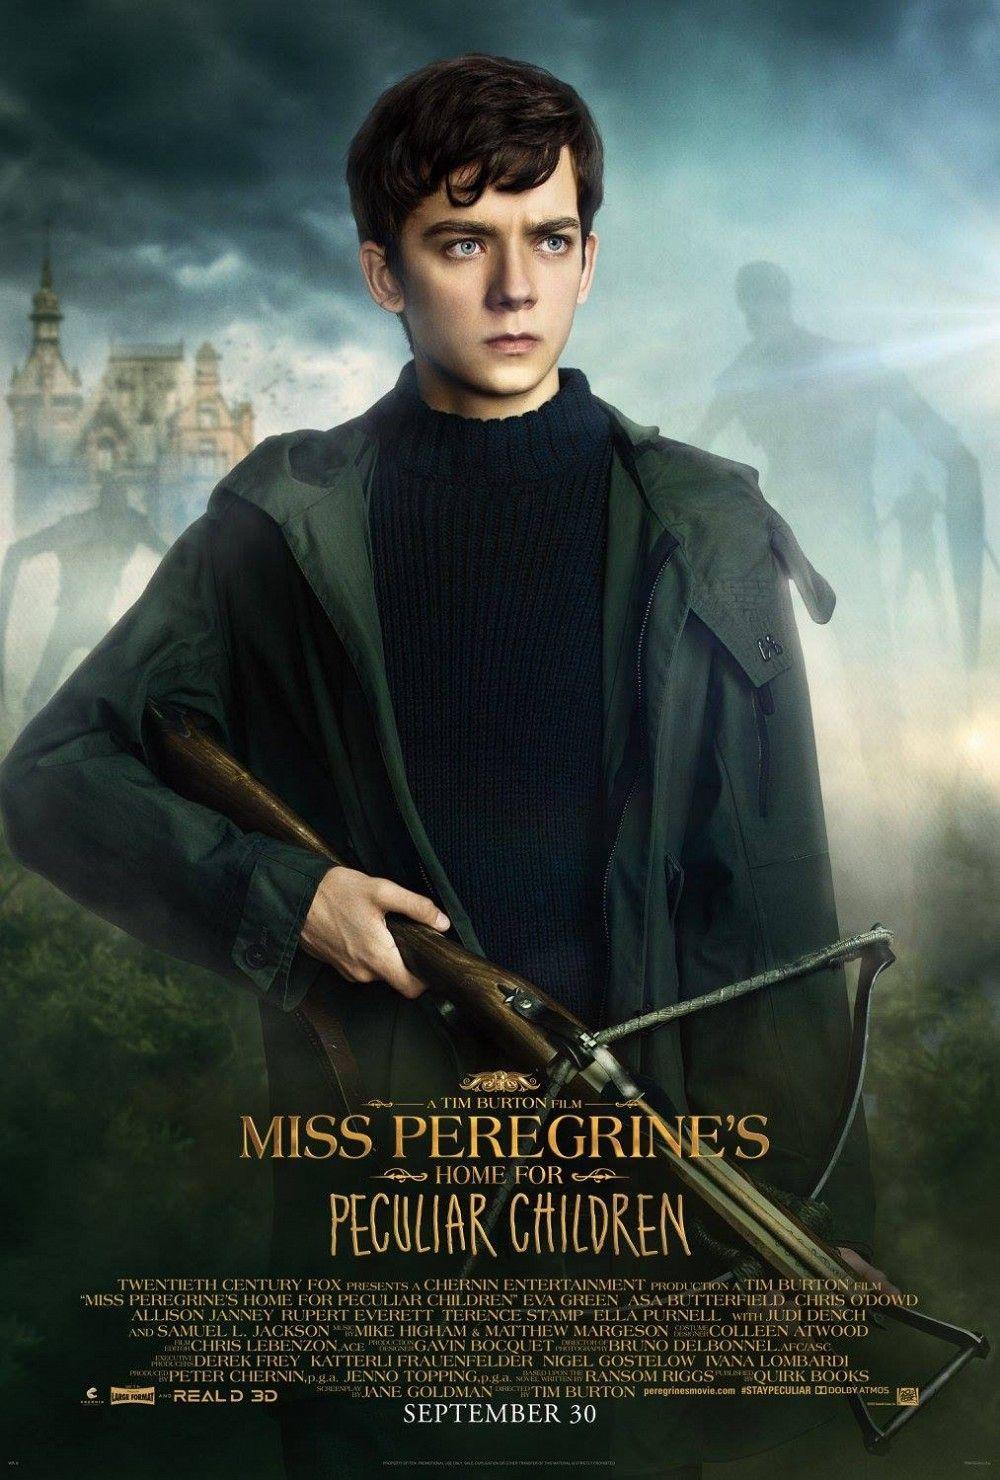 Miss Peregrine Y Los Ninos Peculiares Posters Individuales Con